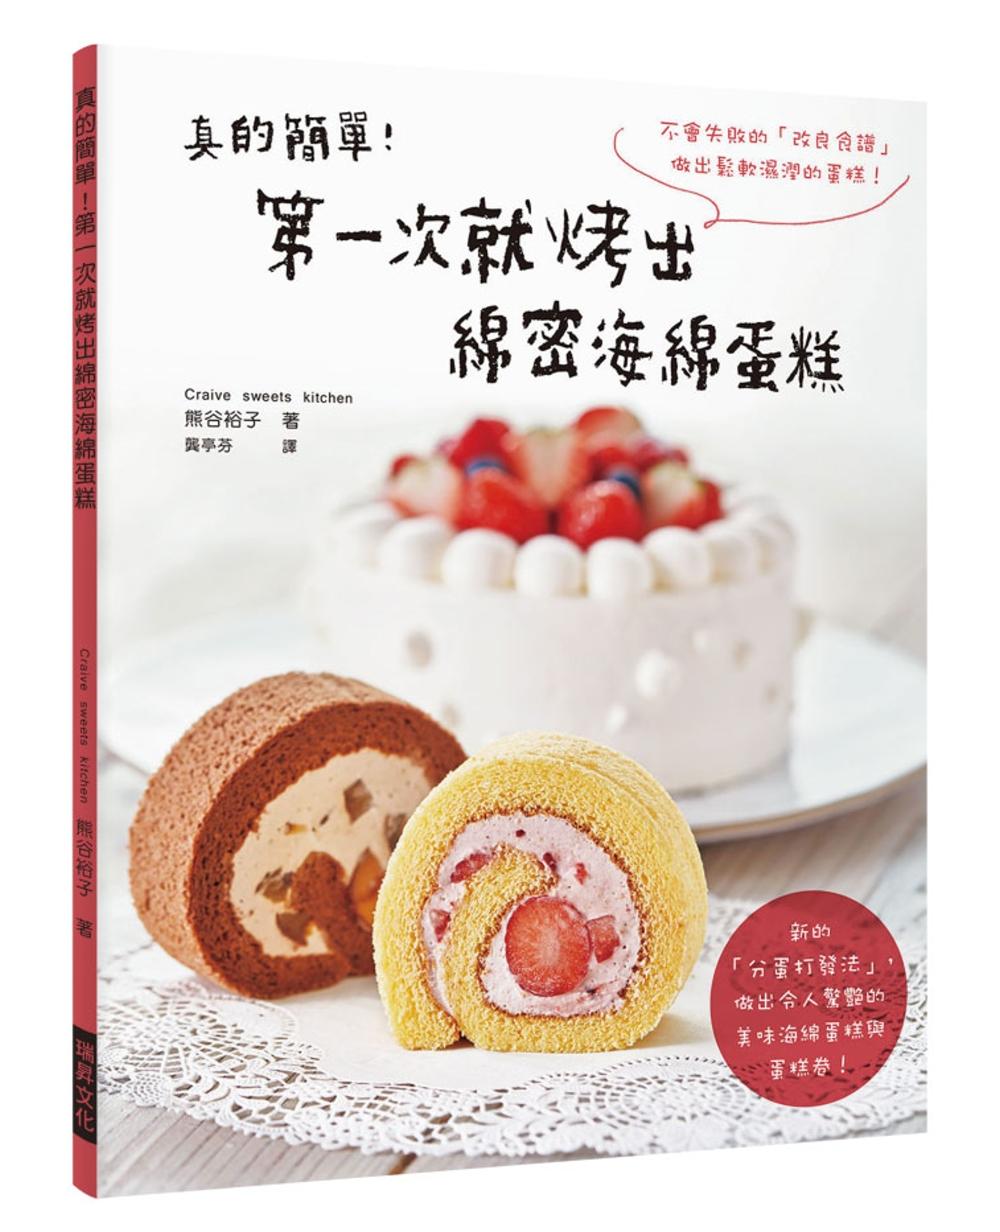 真的簡單!第一次就烤出綿密海綿蛋糕:新的「分蛋打發法」, 做出令人驚艷的美味海綿蛋糕與蛋糕卷!